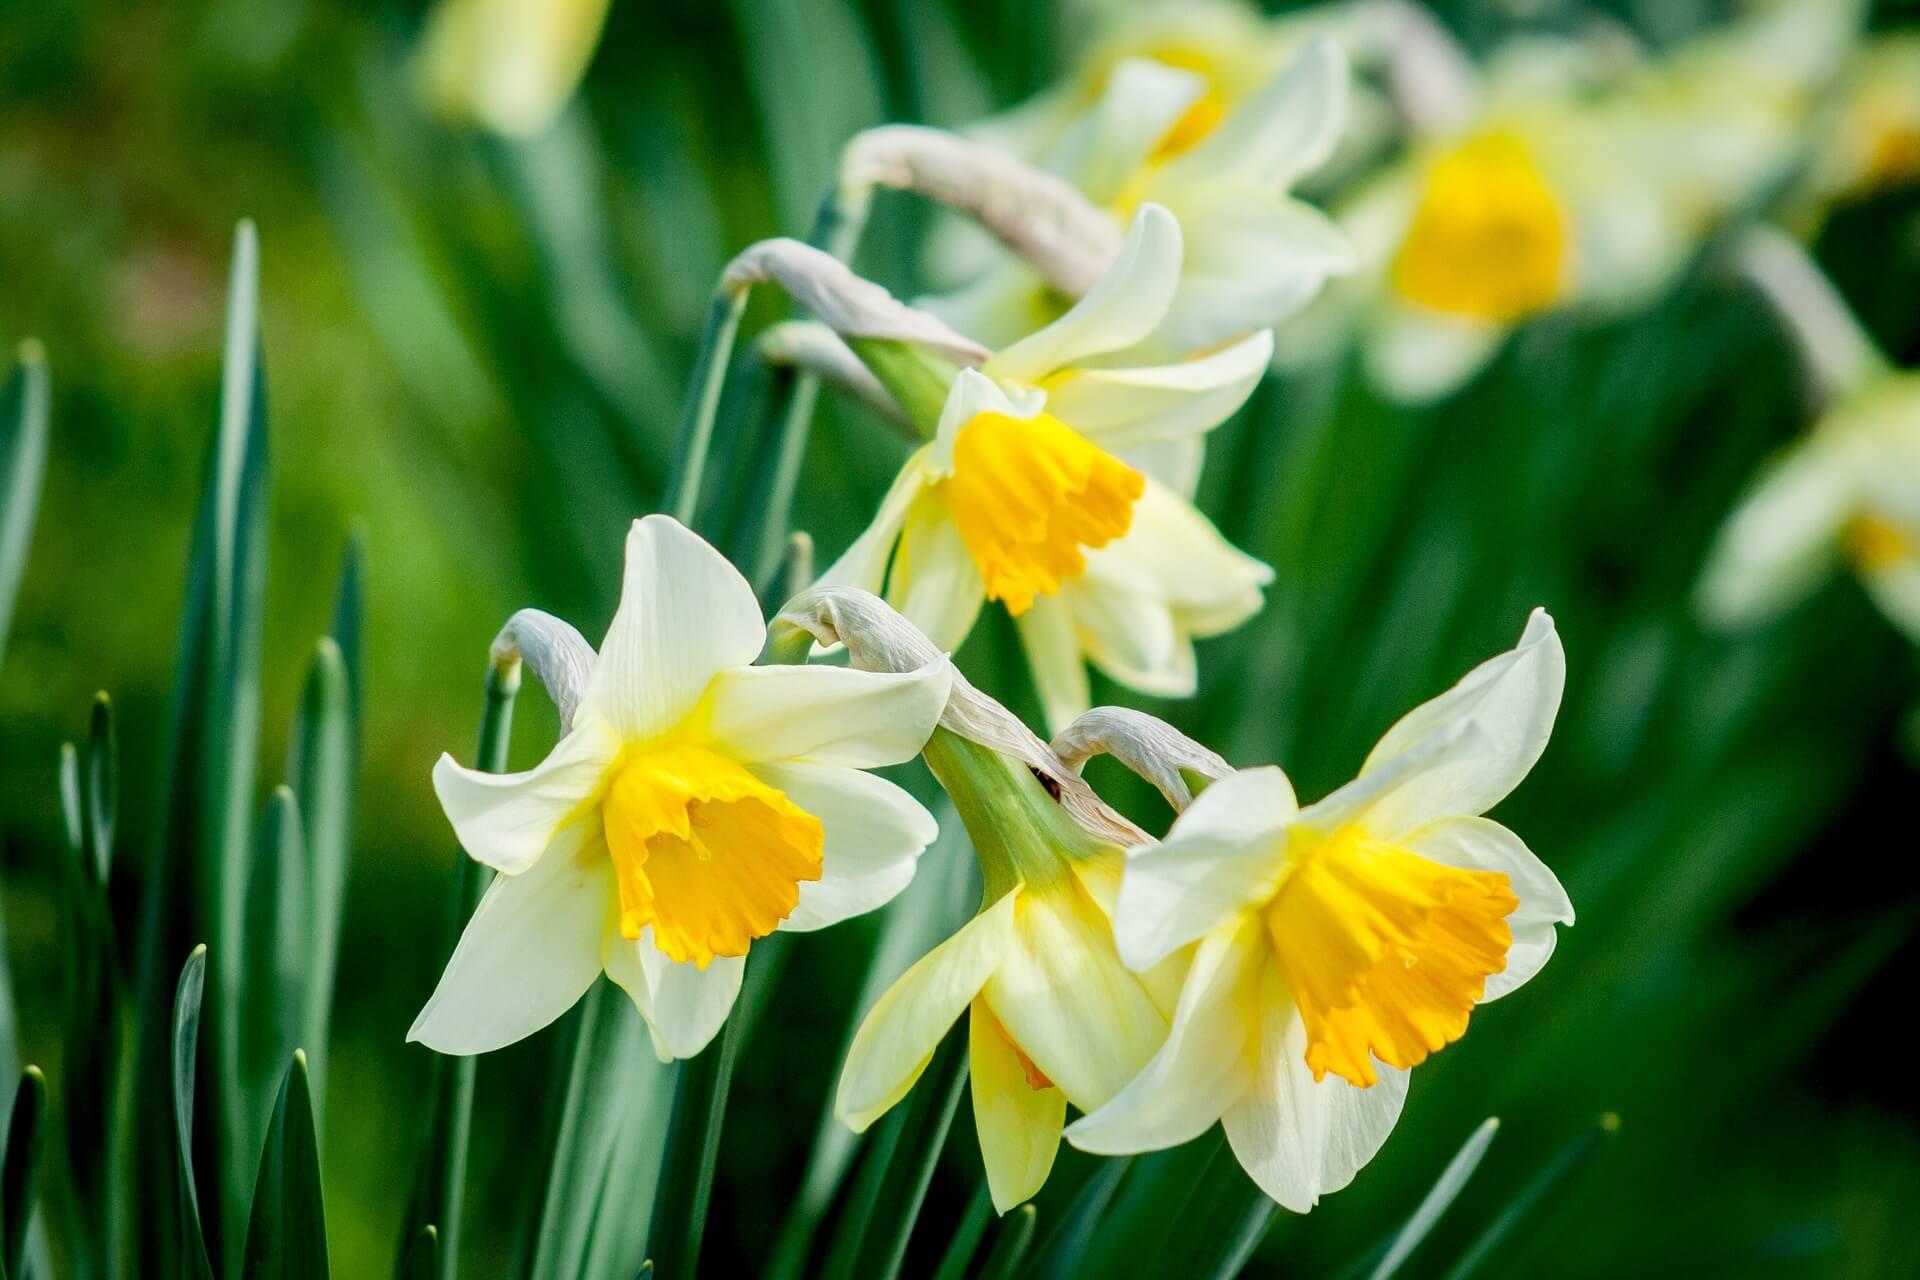 daffodil-1446420_1920